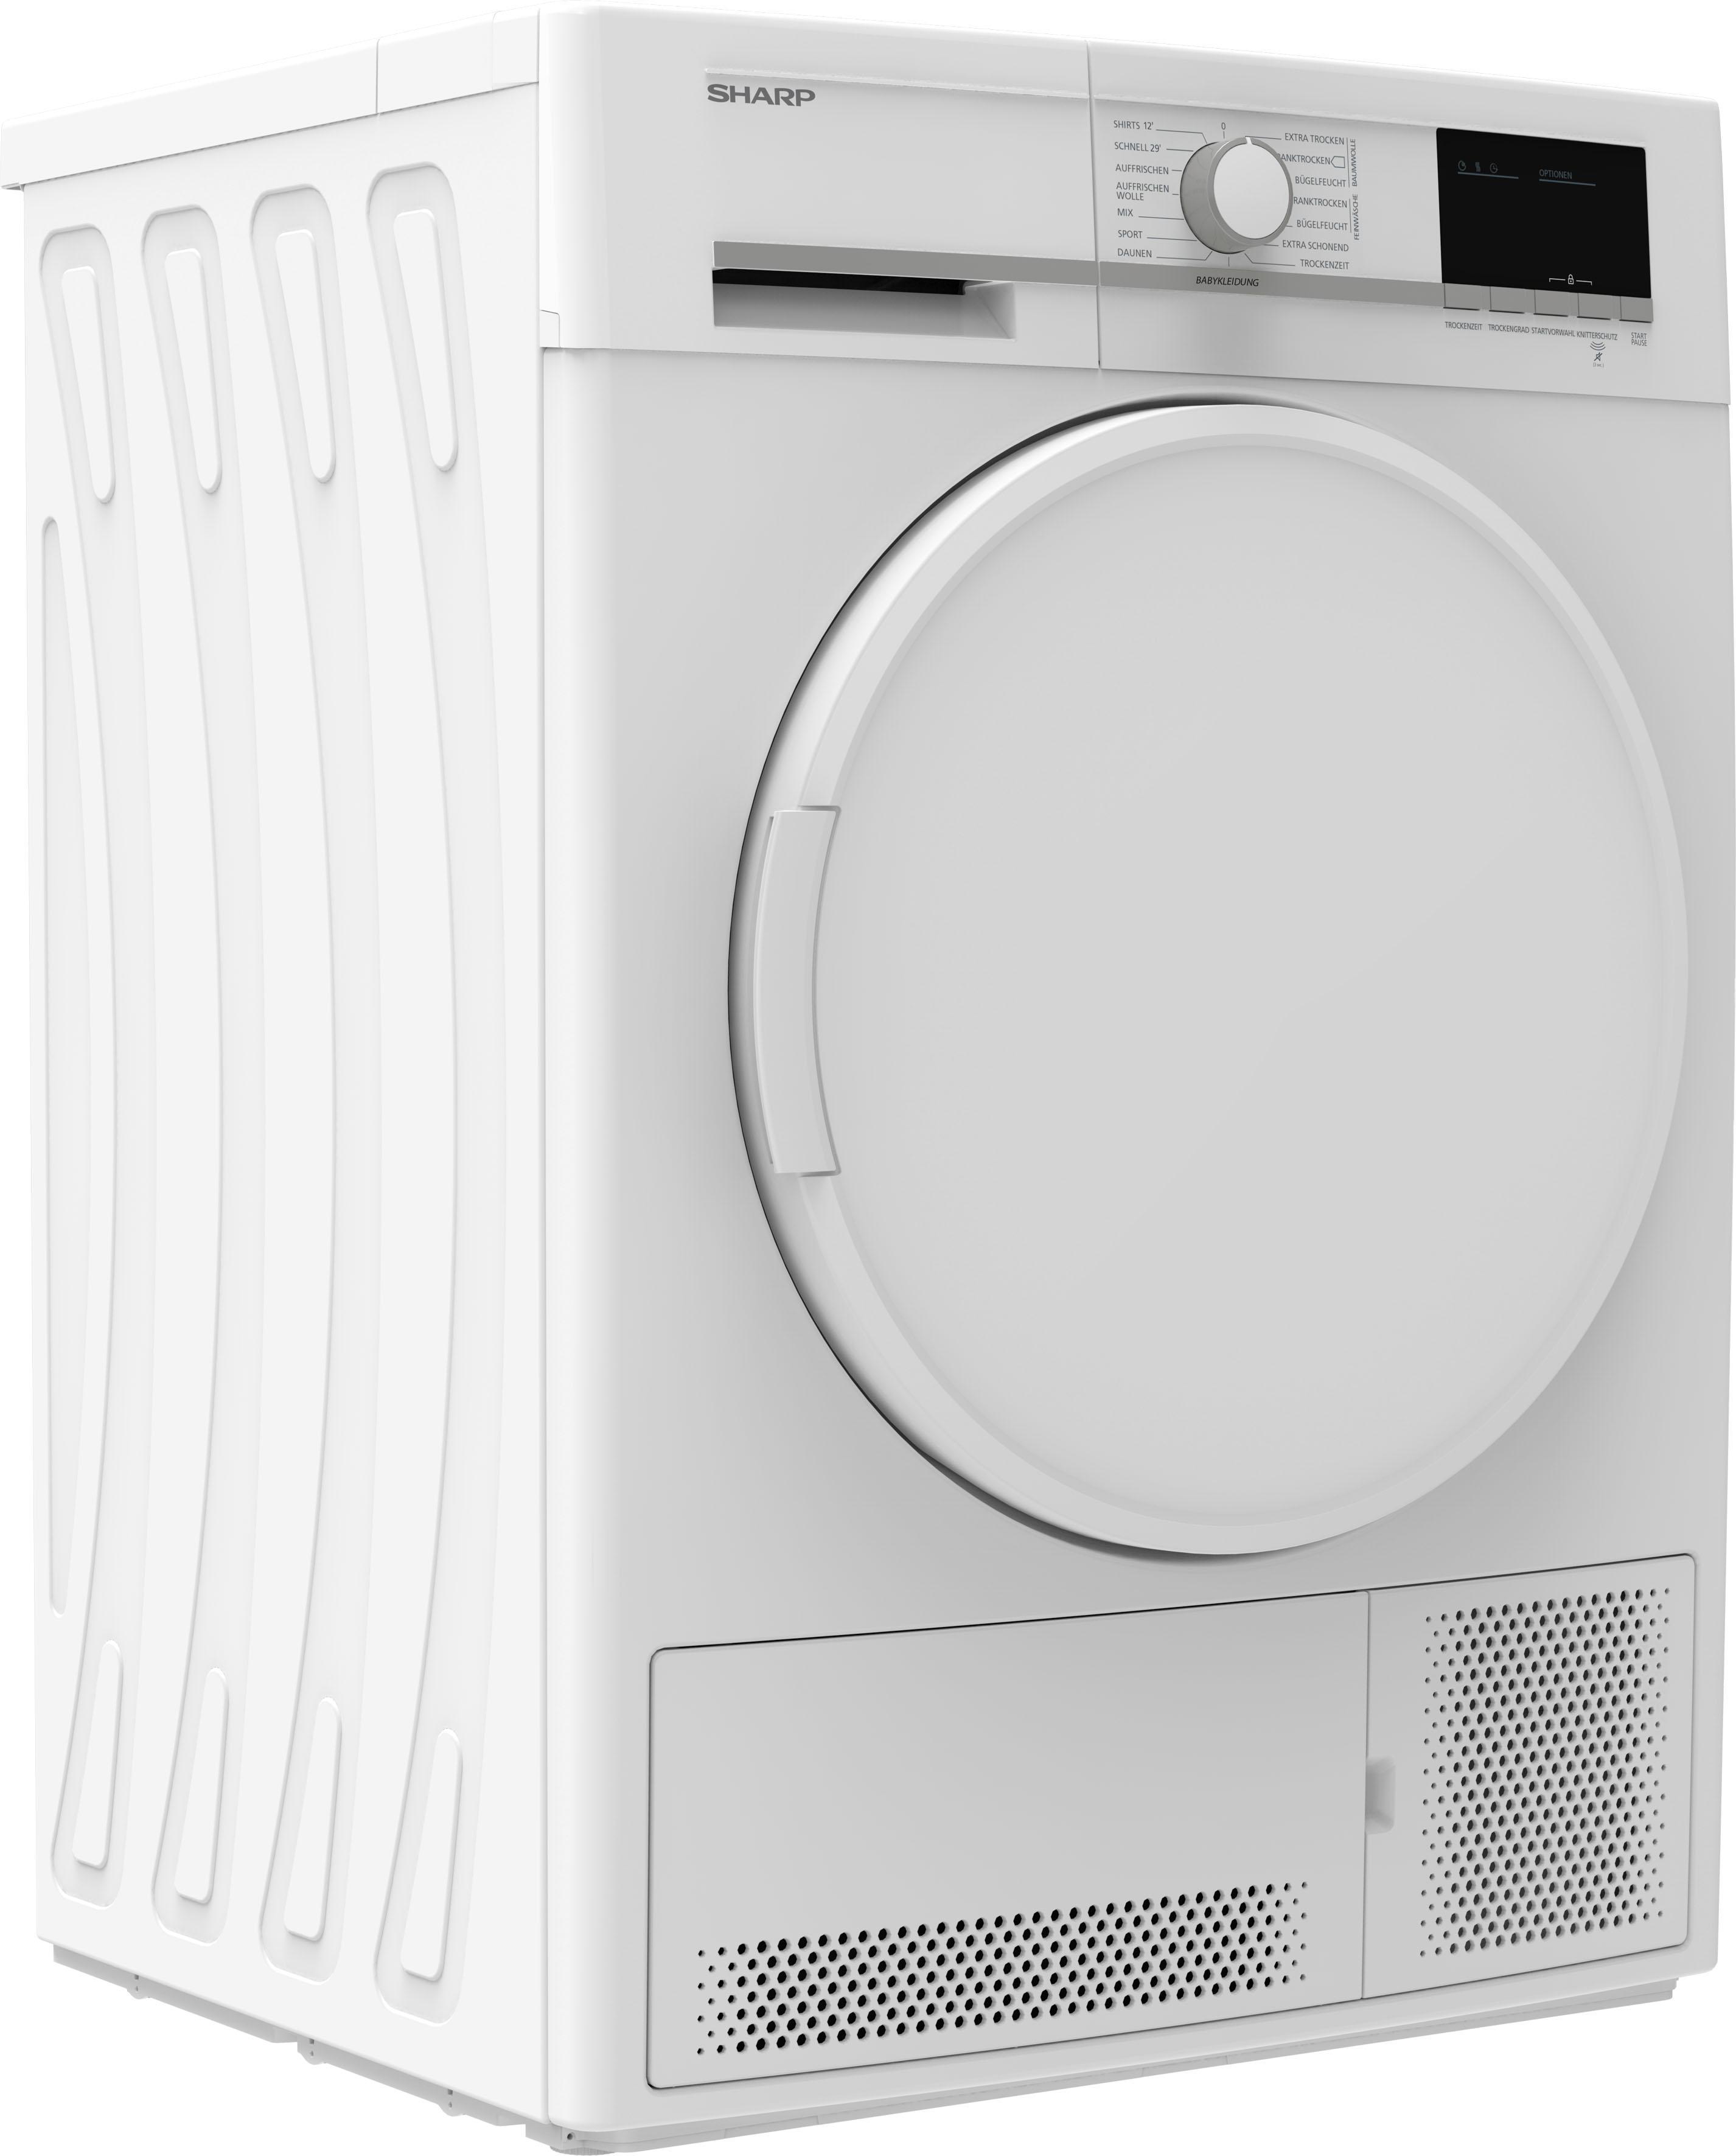 Sharp Kondenstrockner KD-GCB8S7PW9-DE, 8 kg | Bad > Waschmaschinen und Trockner > Kondenstrockner | Sharp